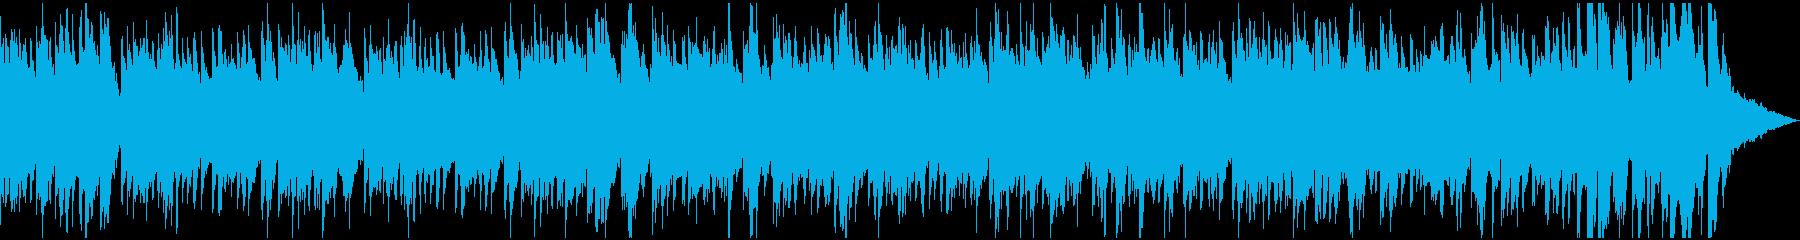 ピアノとギターデュオのおしゃれなボサノバの再生済みの波形